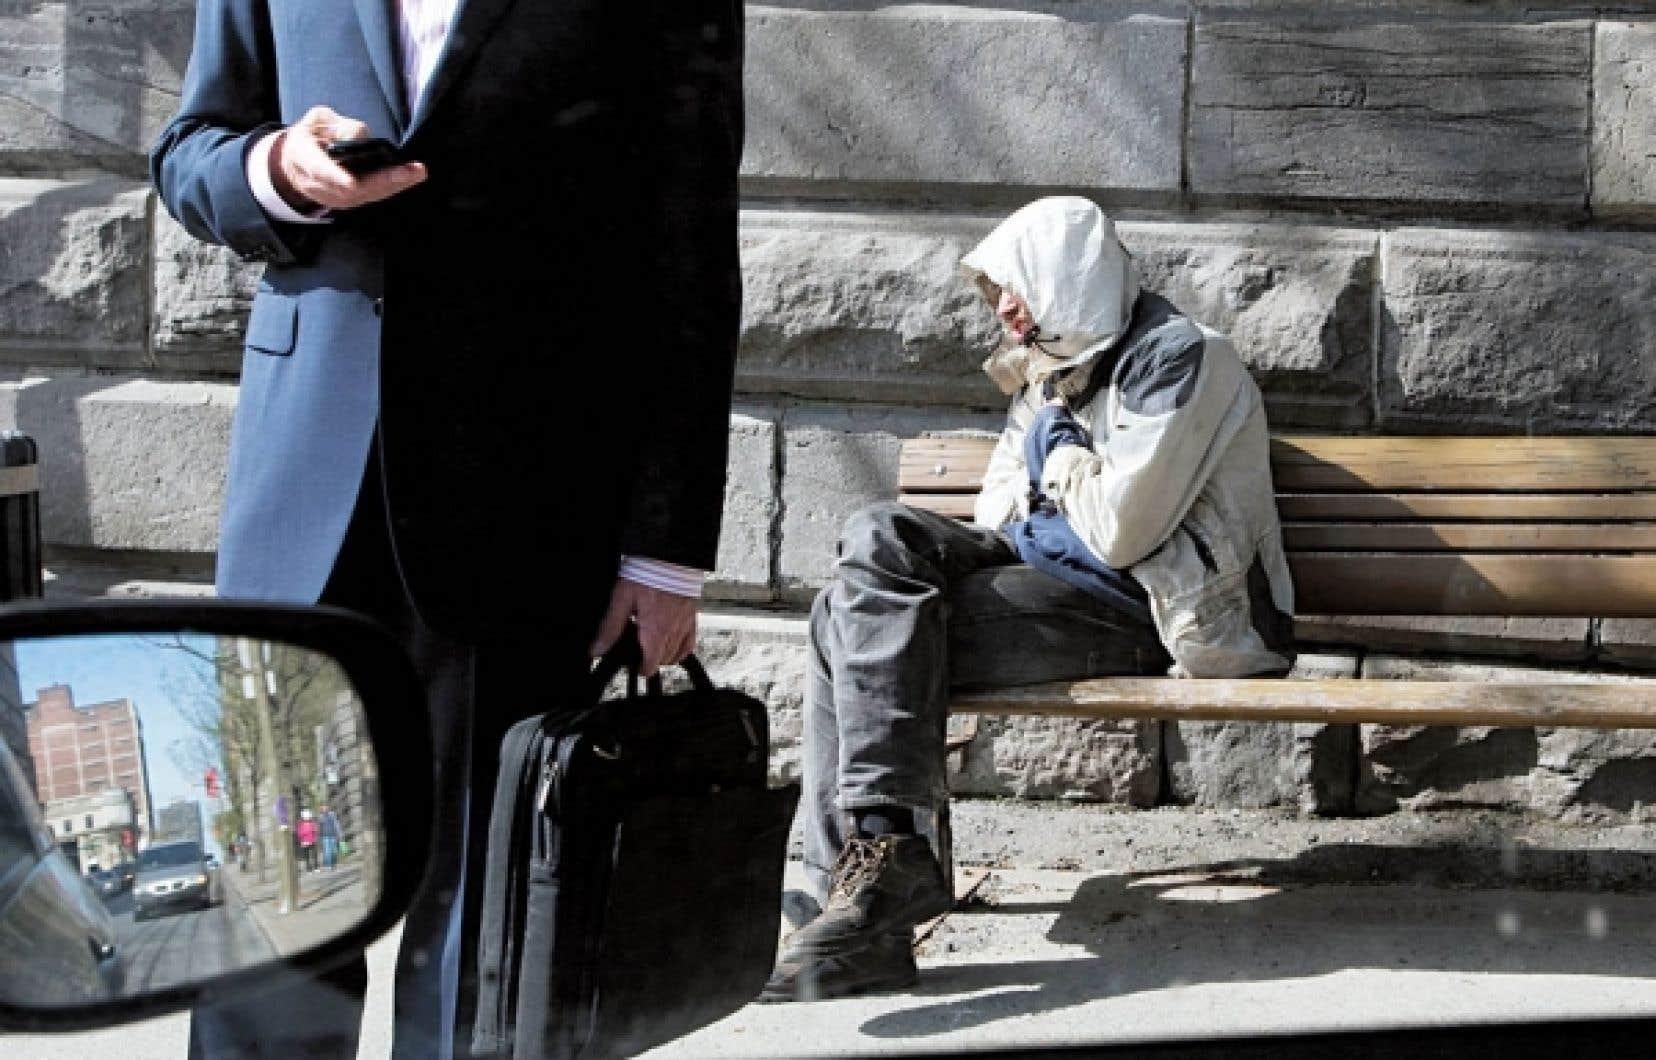 Les dirigeants politiques ne semblent pas préoccupés par l'accroissement des inégalités.